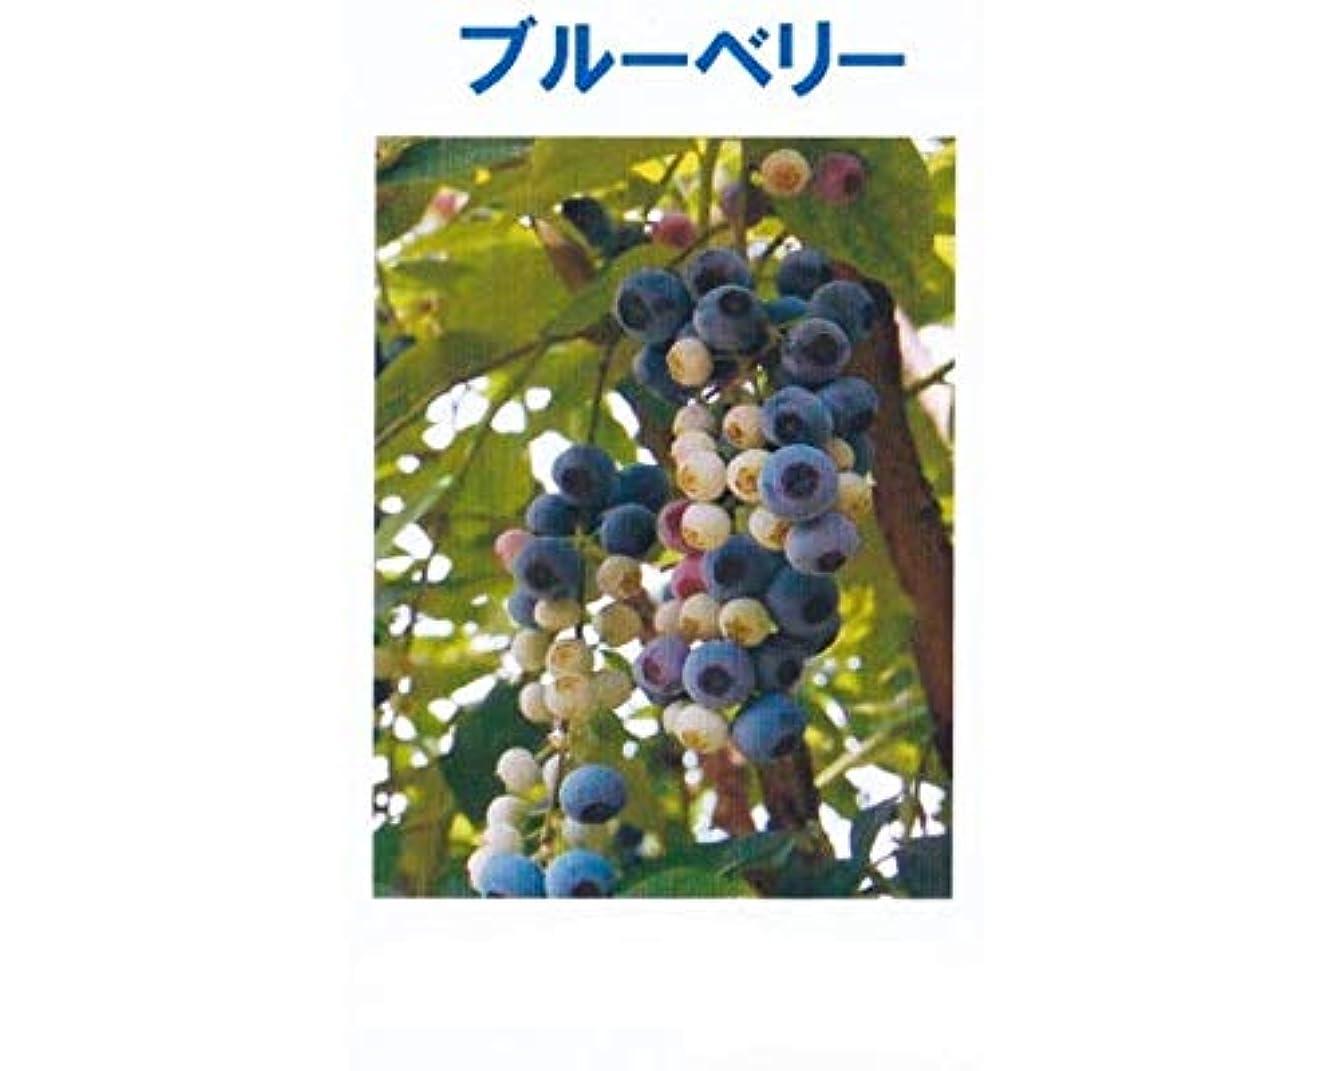 イデオロギー荒らす収穫アロマオイル ブルーベリー 5ml エッセンシャルオイル 100%天然成分